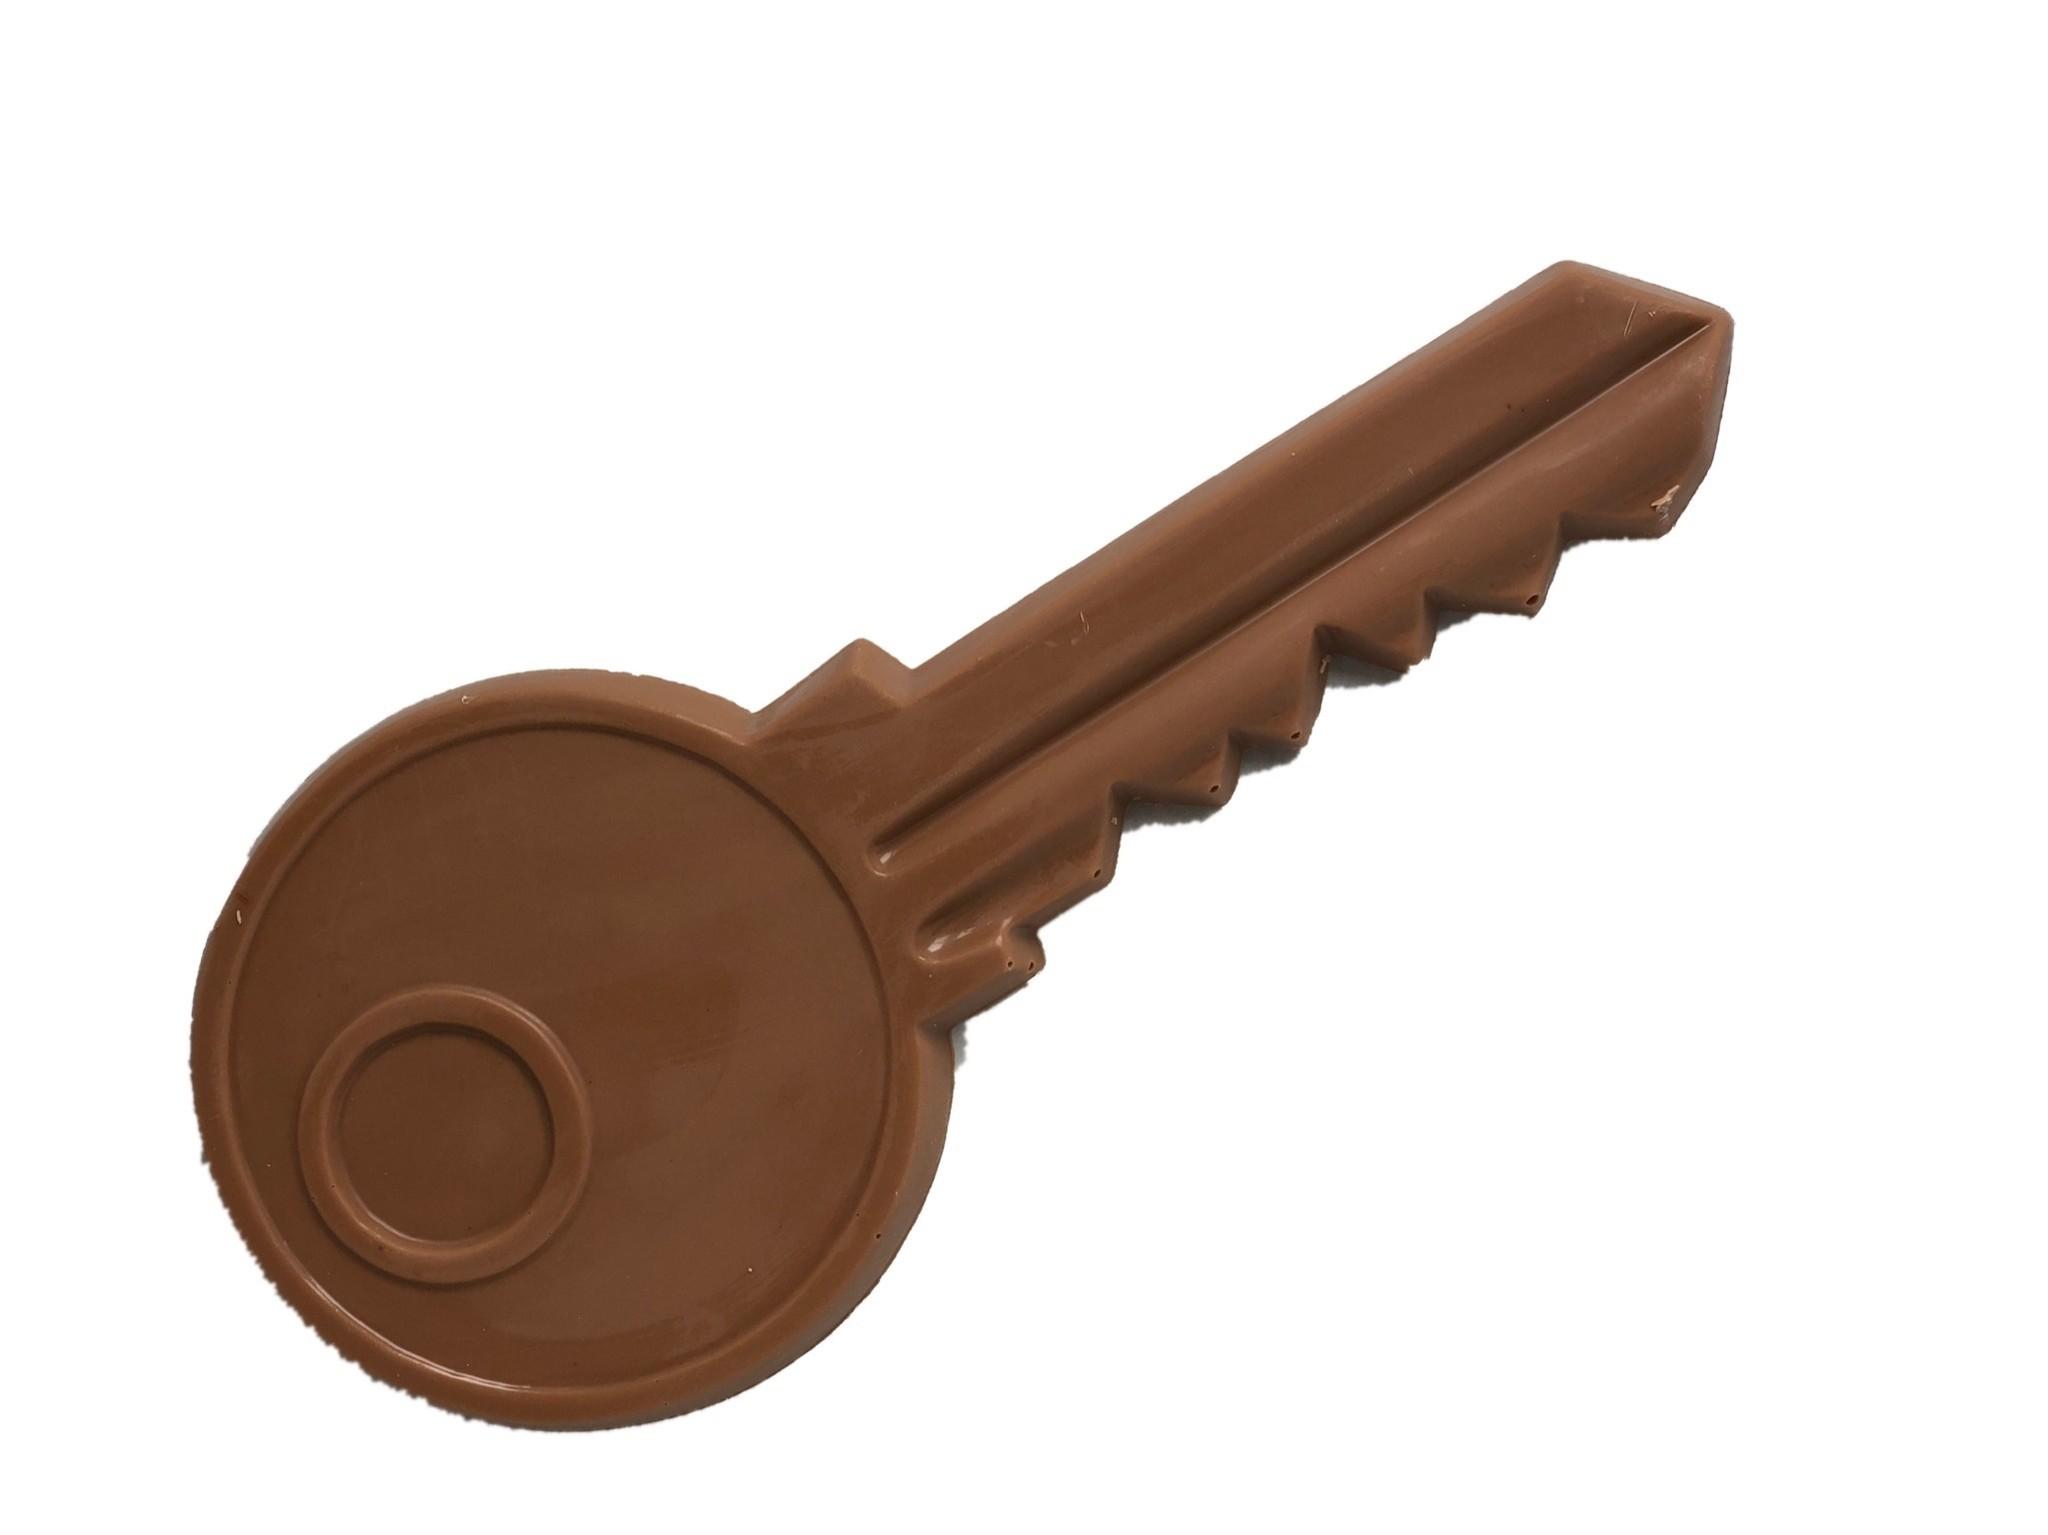 Chocolade sleutel voor een nieuwe woning